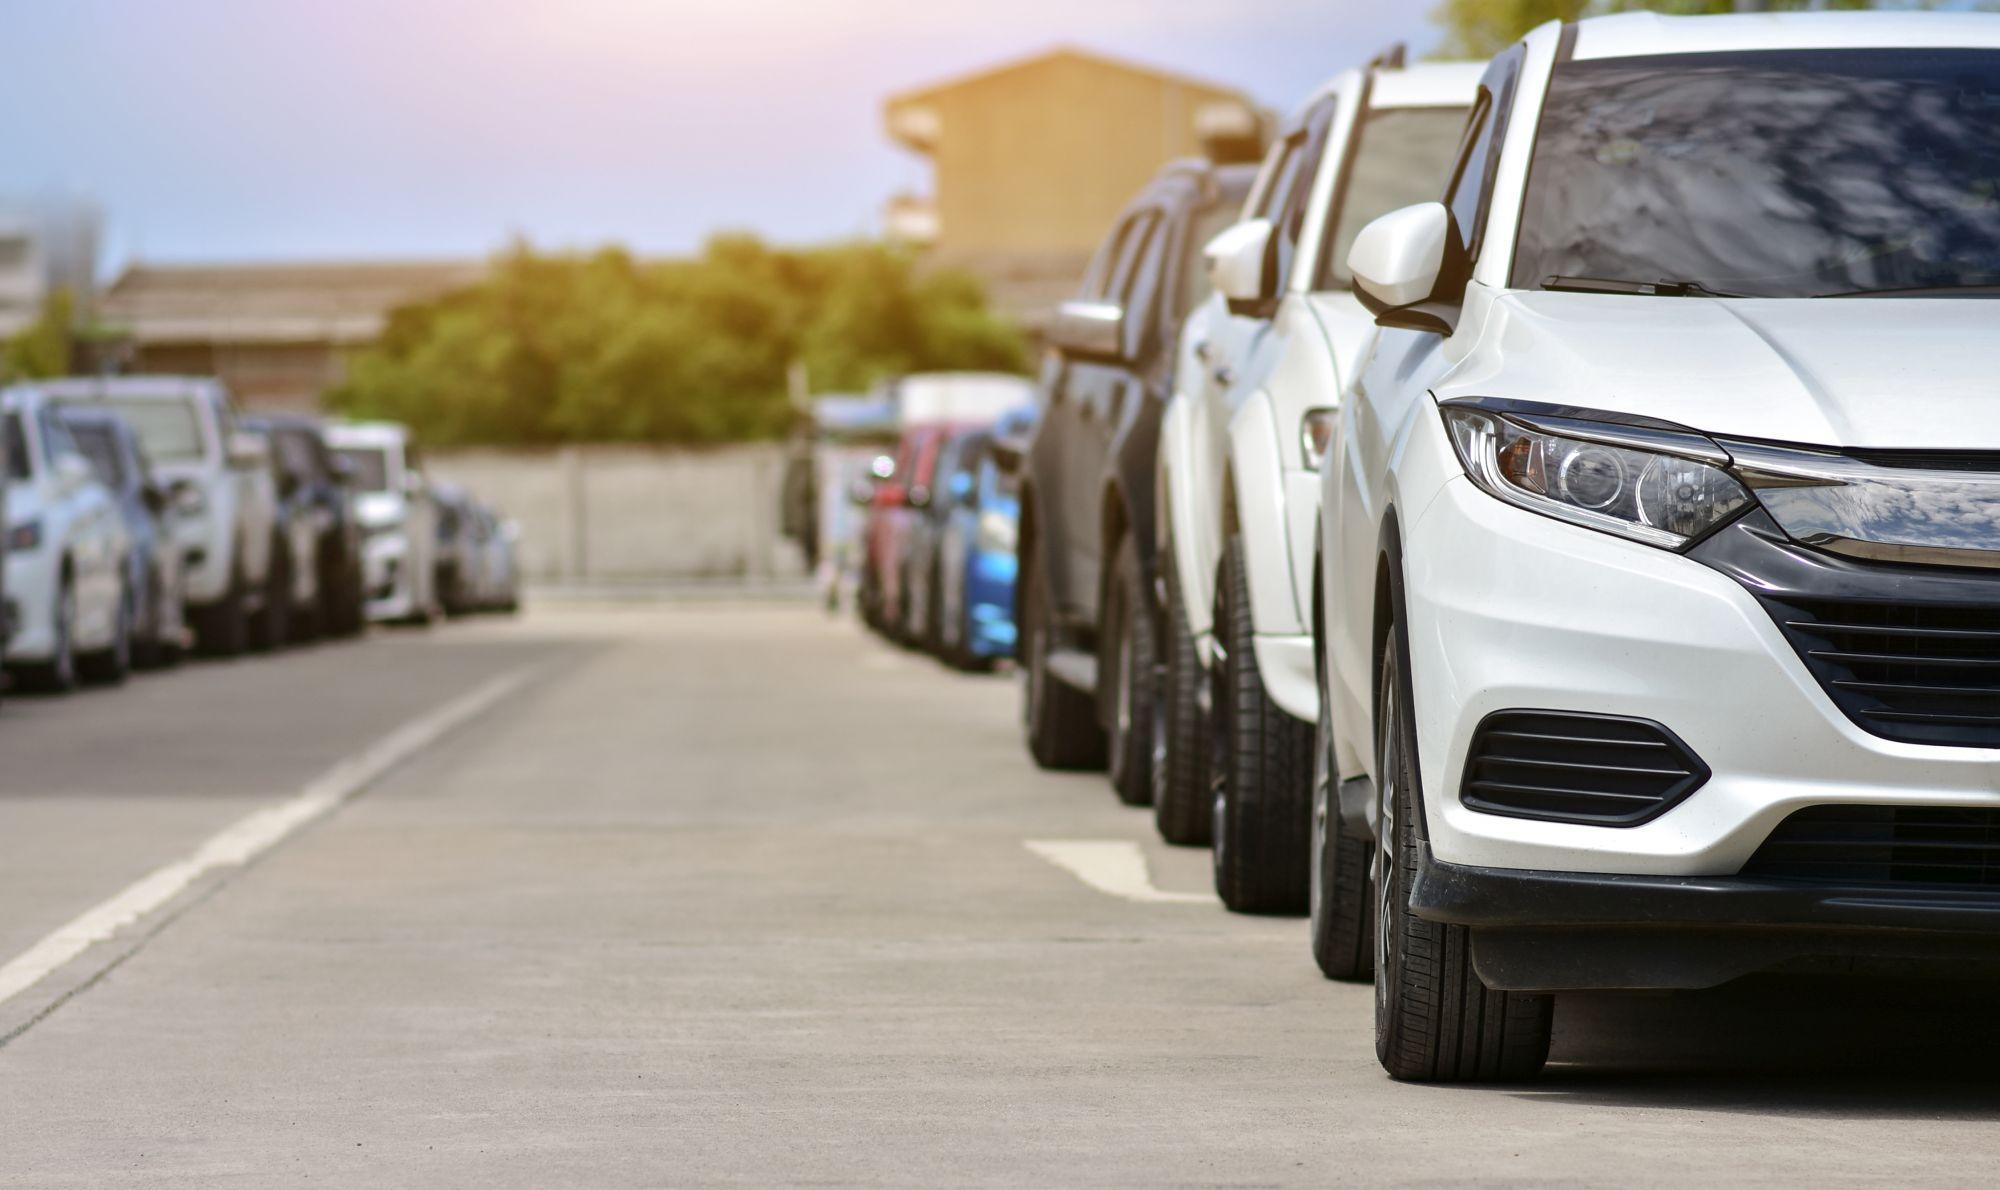 A városban parkolni sokkal egyszerűbb egy visszapillantó tükör kamerával